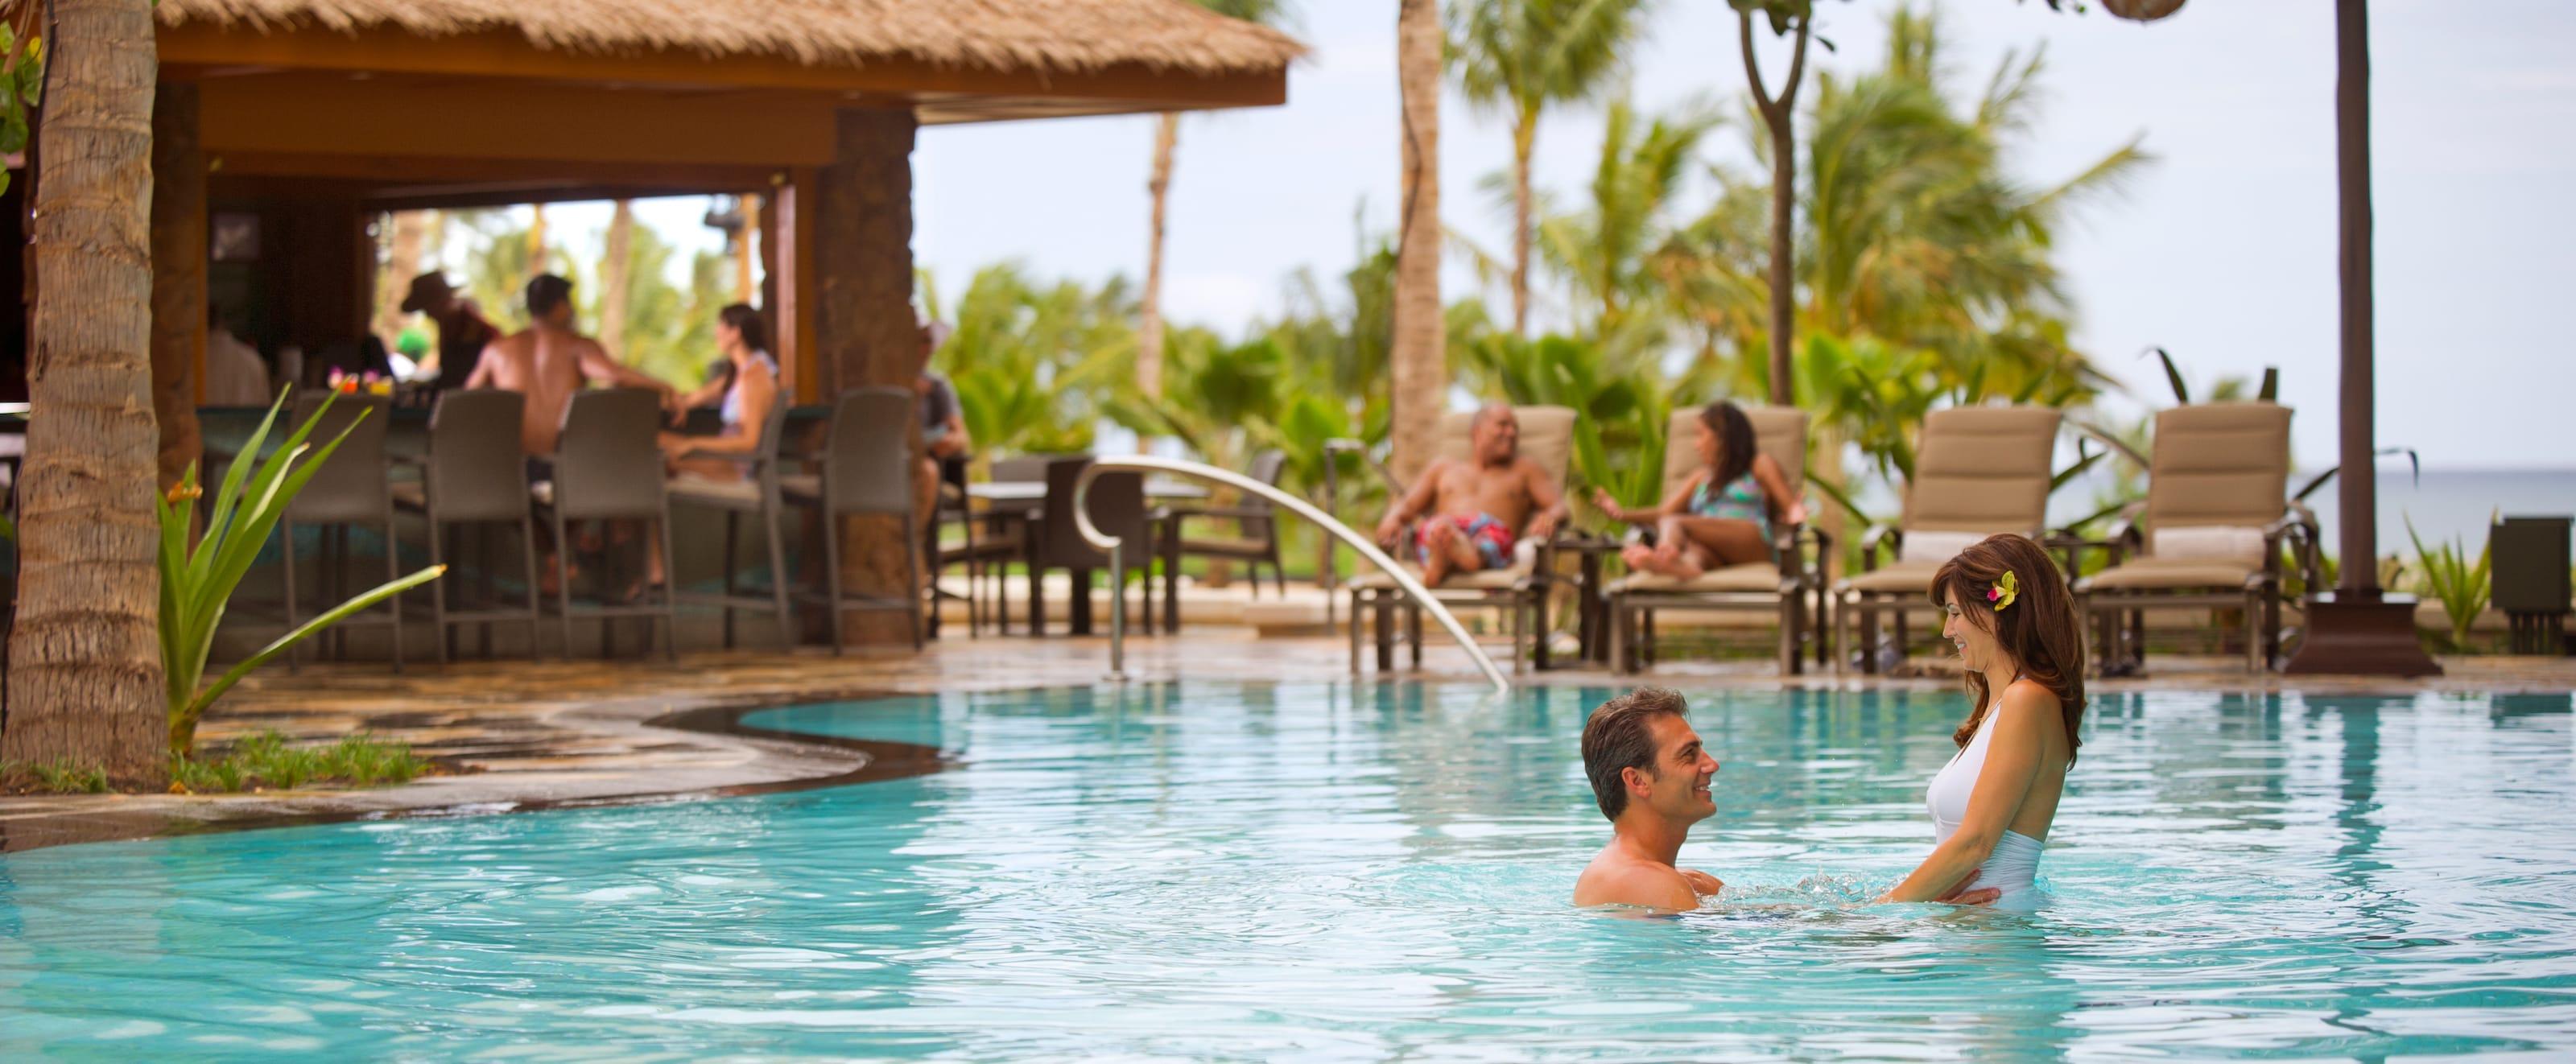 テンション・エッジ・プールで女性を抱え上げる男性と、デッキチェアでくつろぎ、バーでドリンクを楽しむカップル達